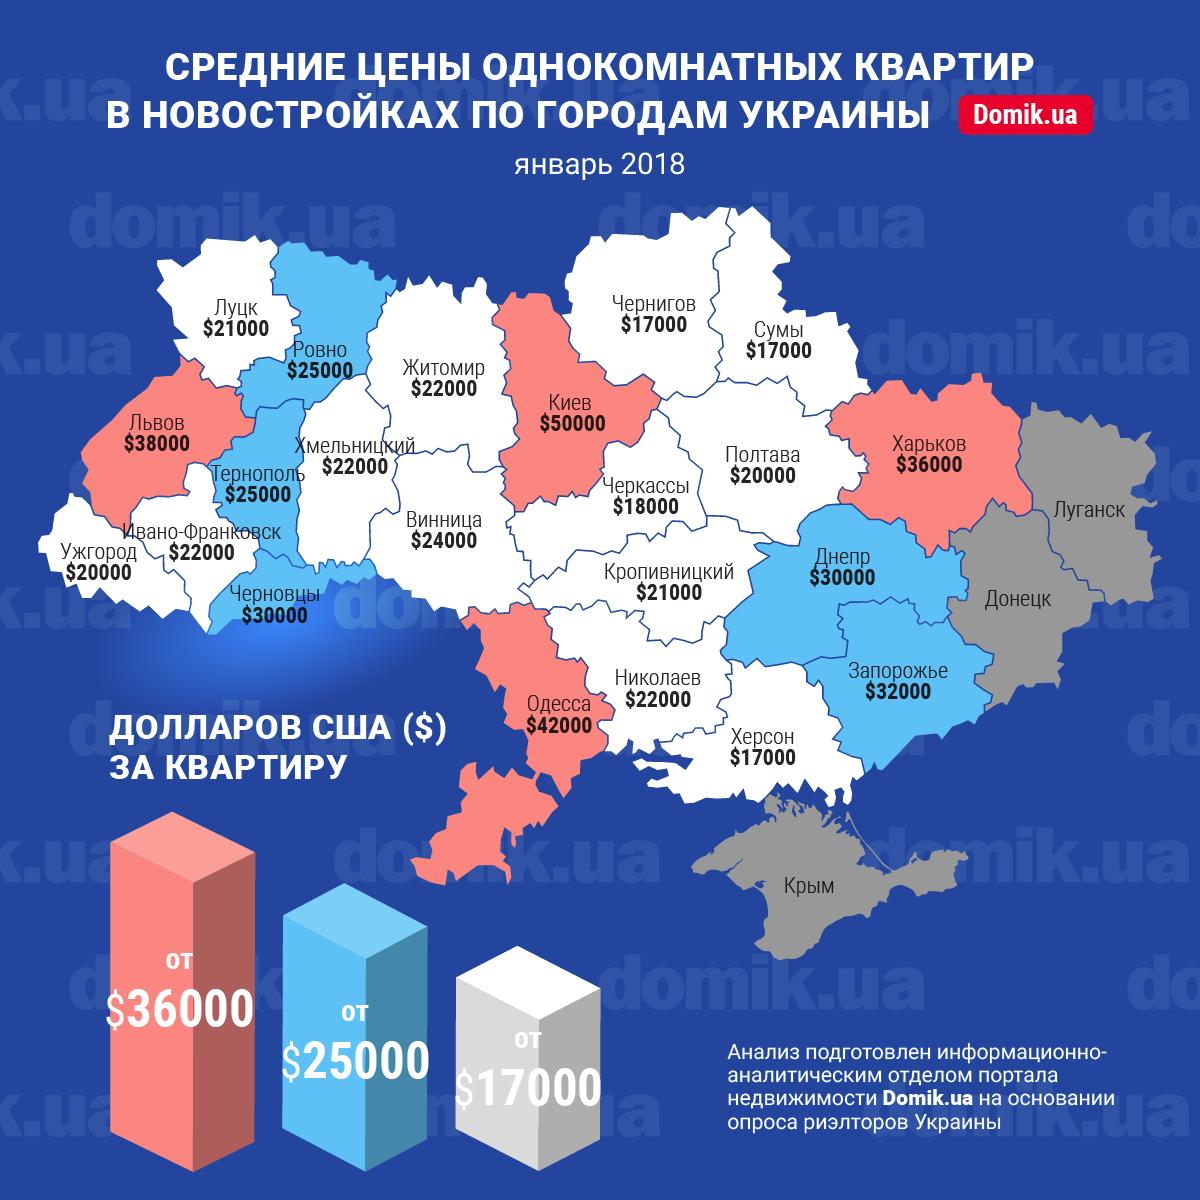 Средние цены однокомнатных квартир в новостройках Украины